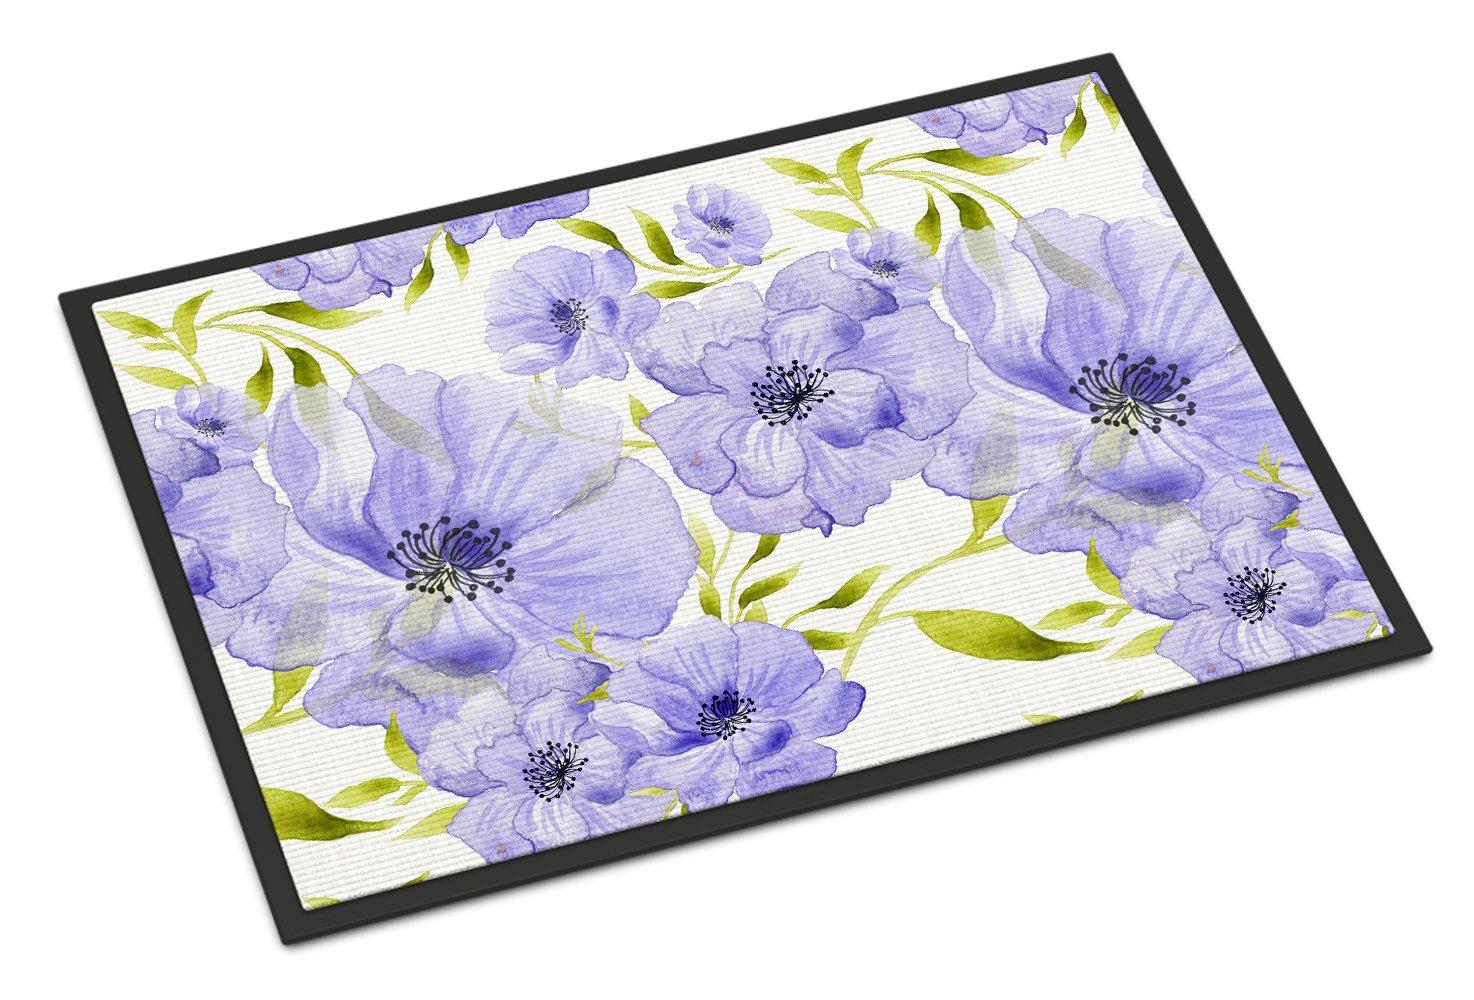 Carolines Treasures Watercolor Blue Flowers Indoor or Outdoor Doormat 24 H x 36 W Multicolor